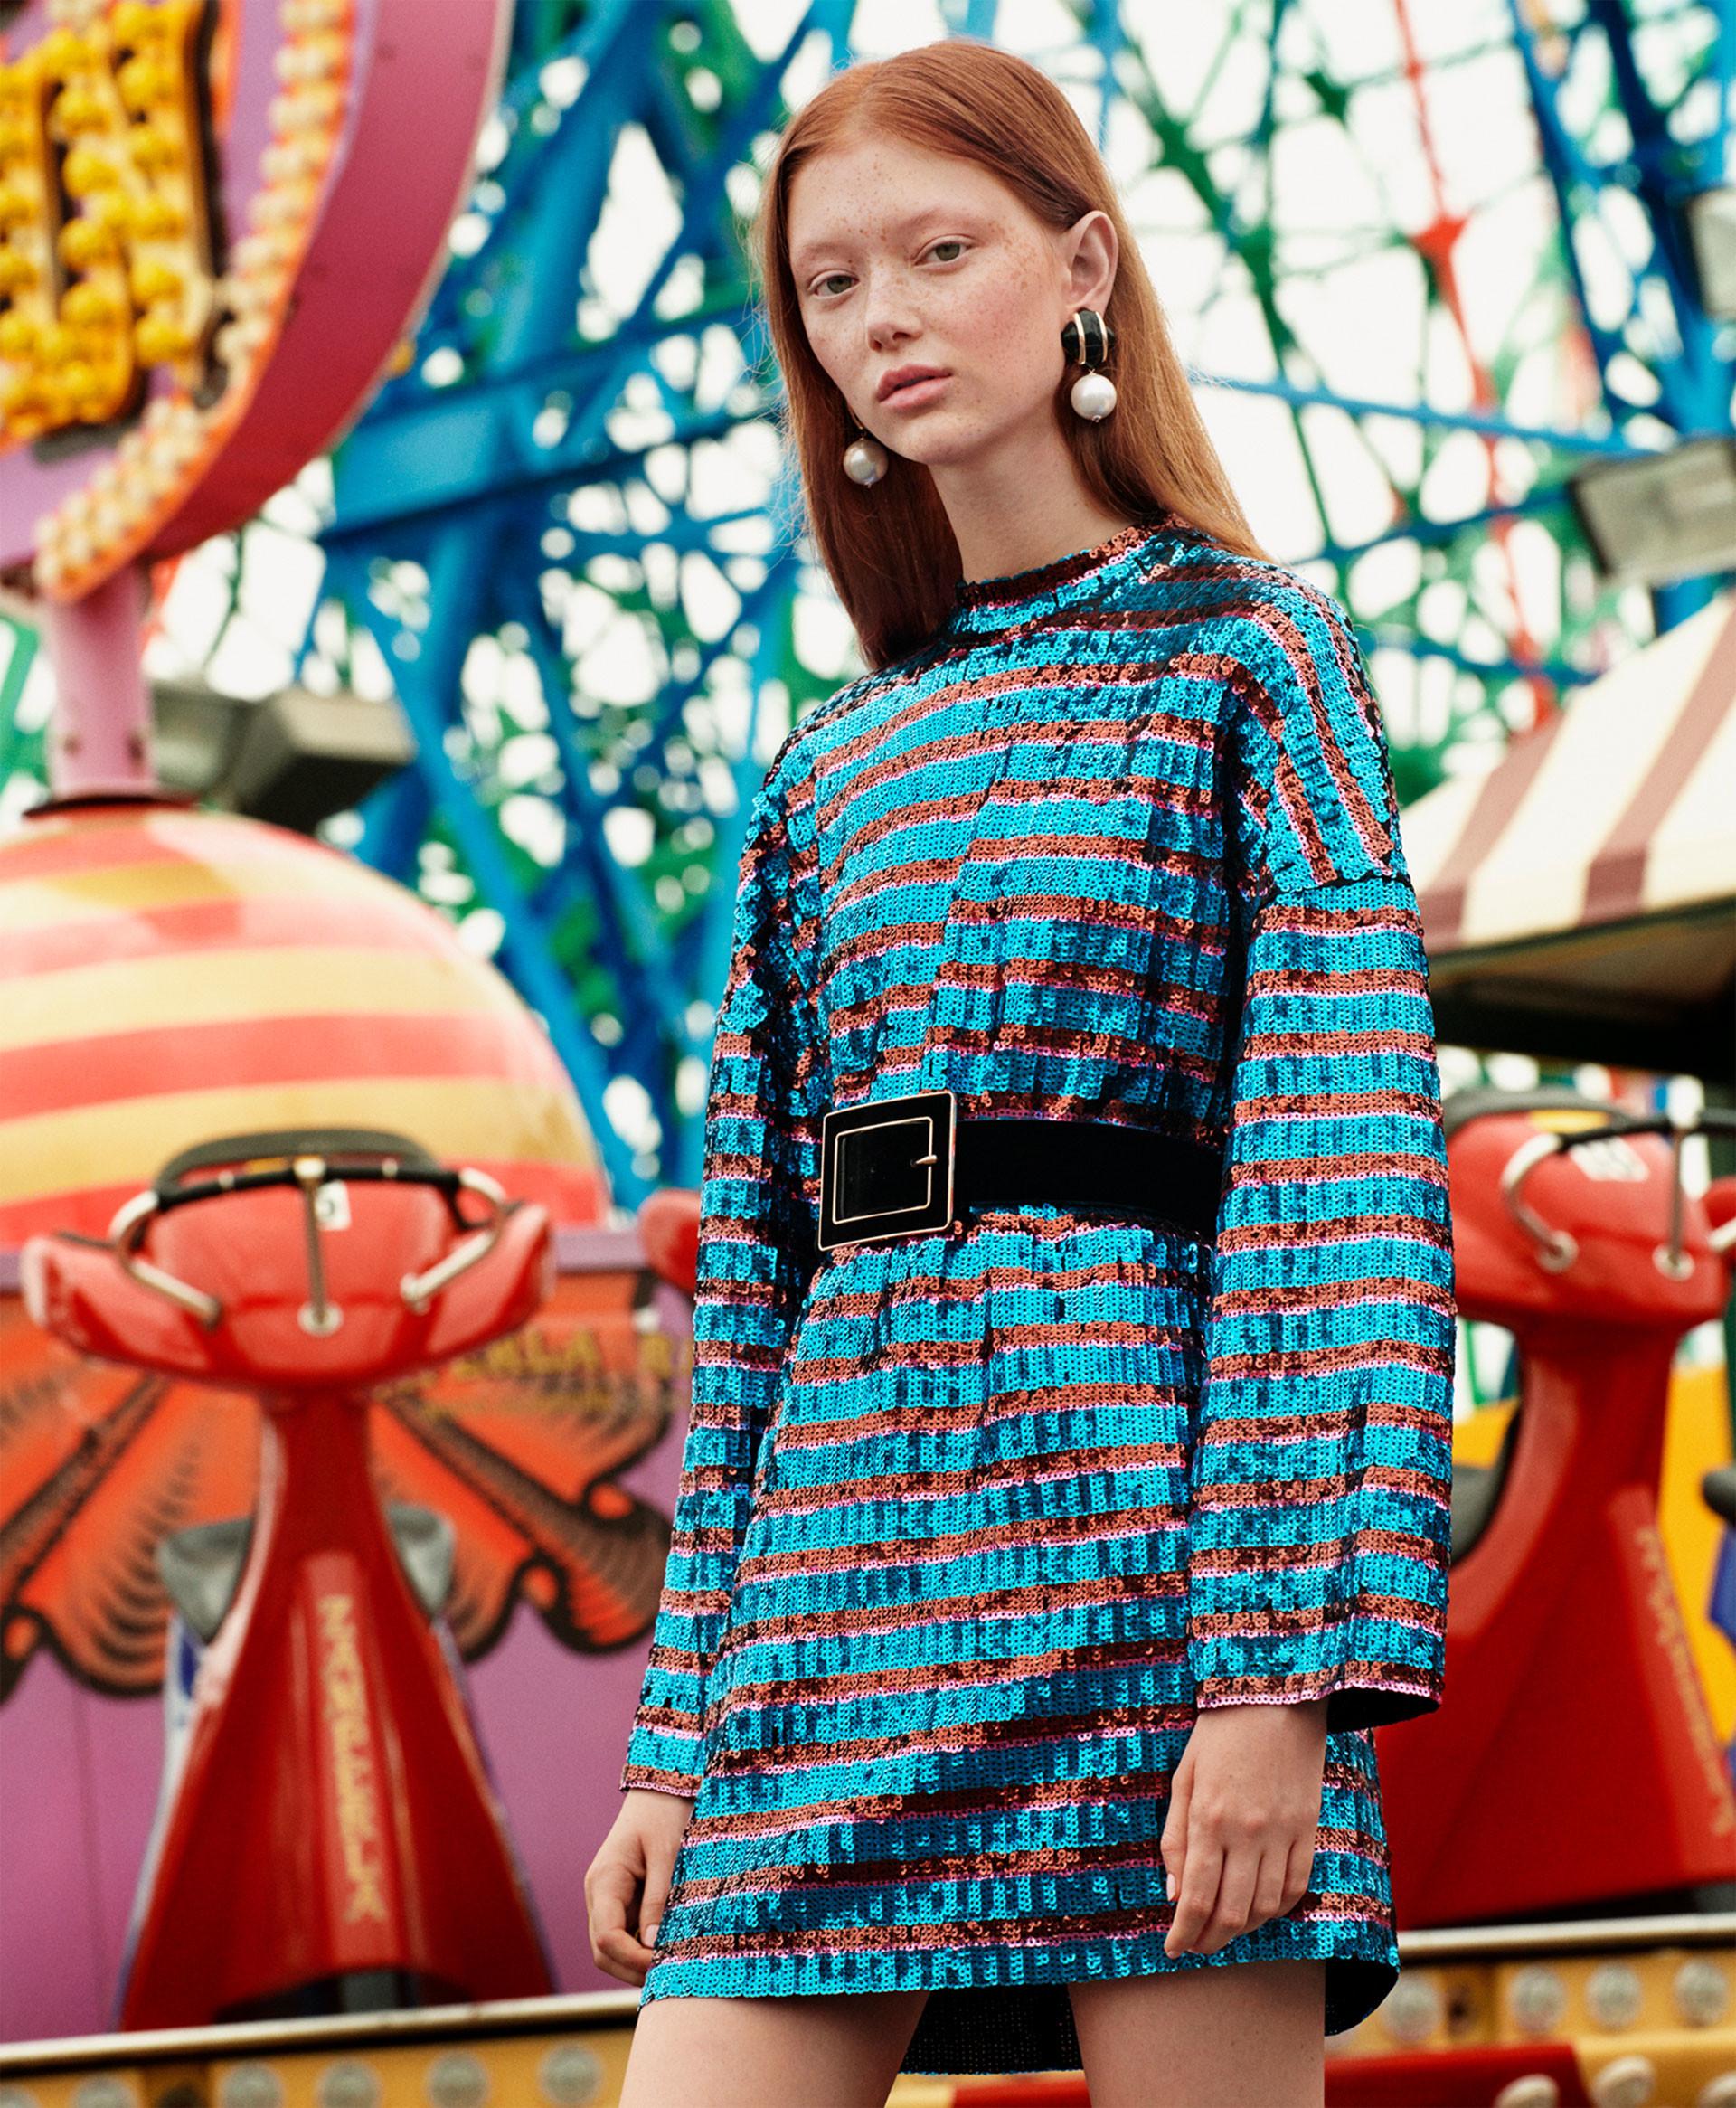 Zara TRF 'Fun Park' lookbook